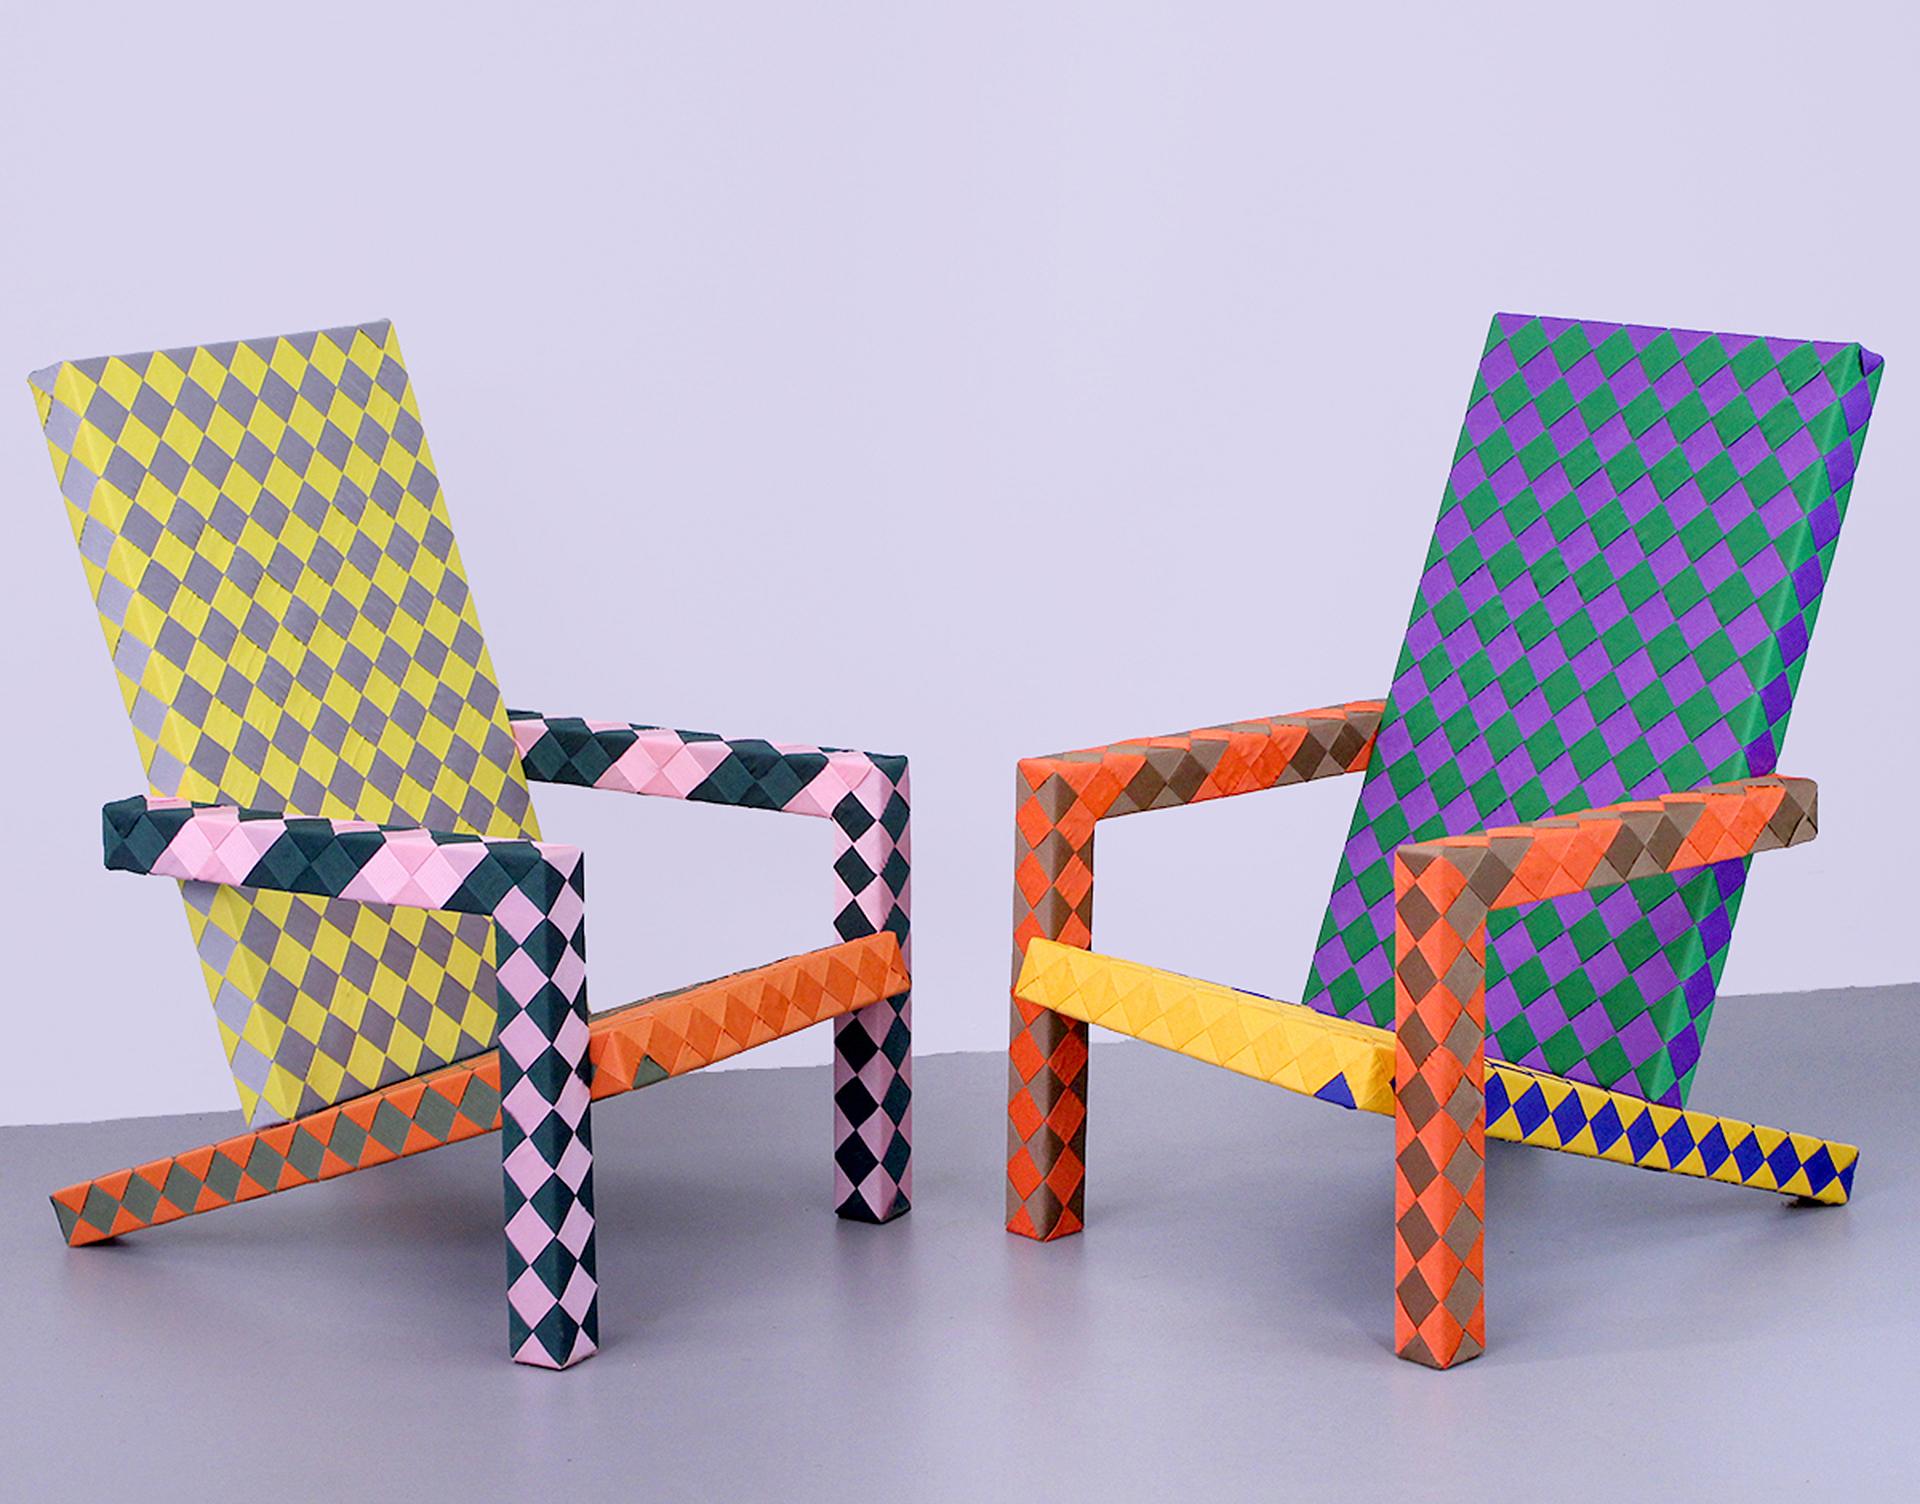 Тренды 2020/2021: веселая мебель Лекса Потта